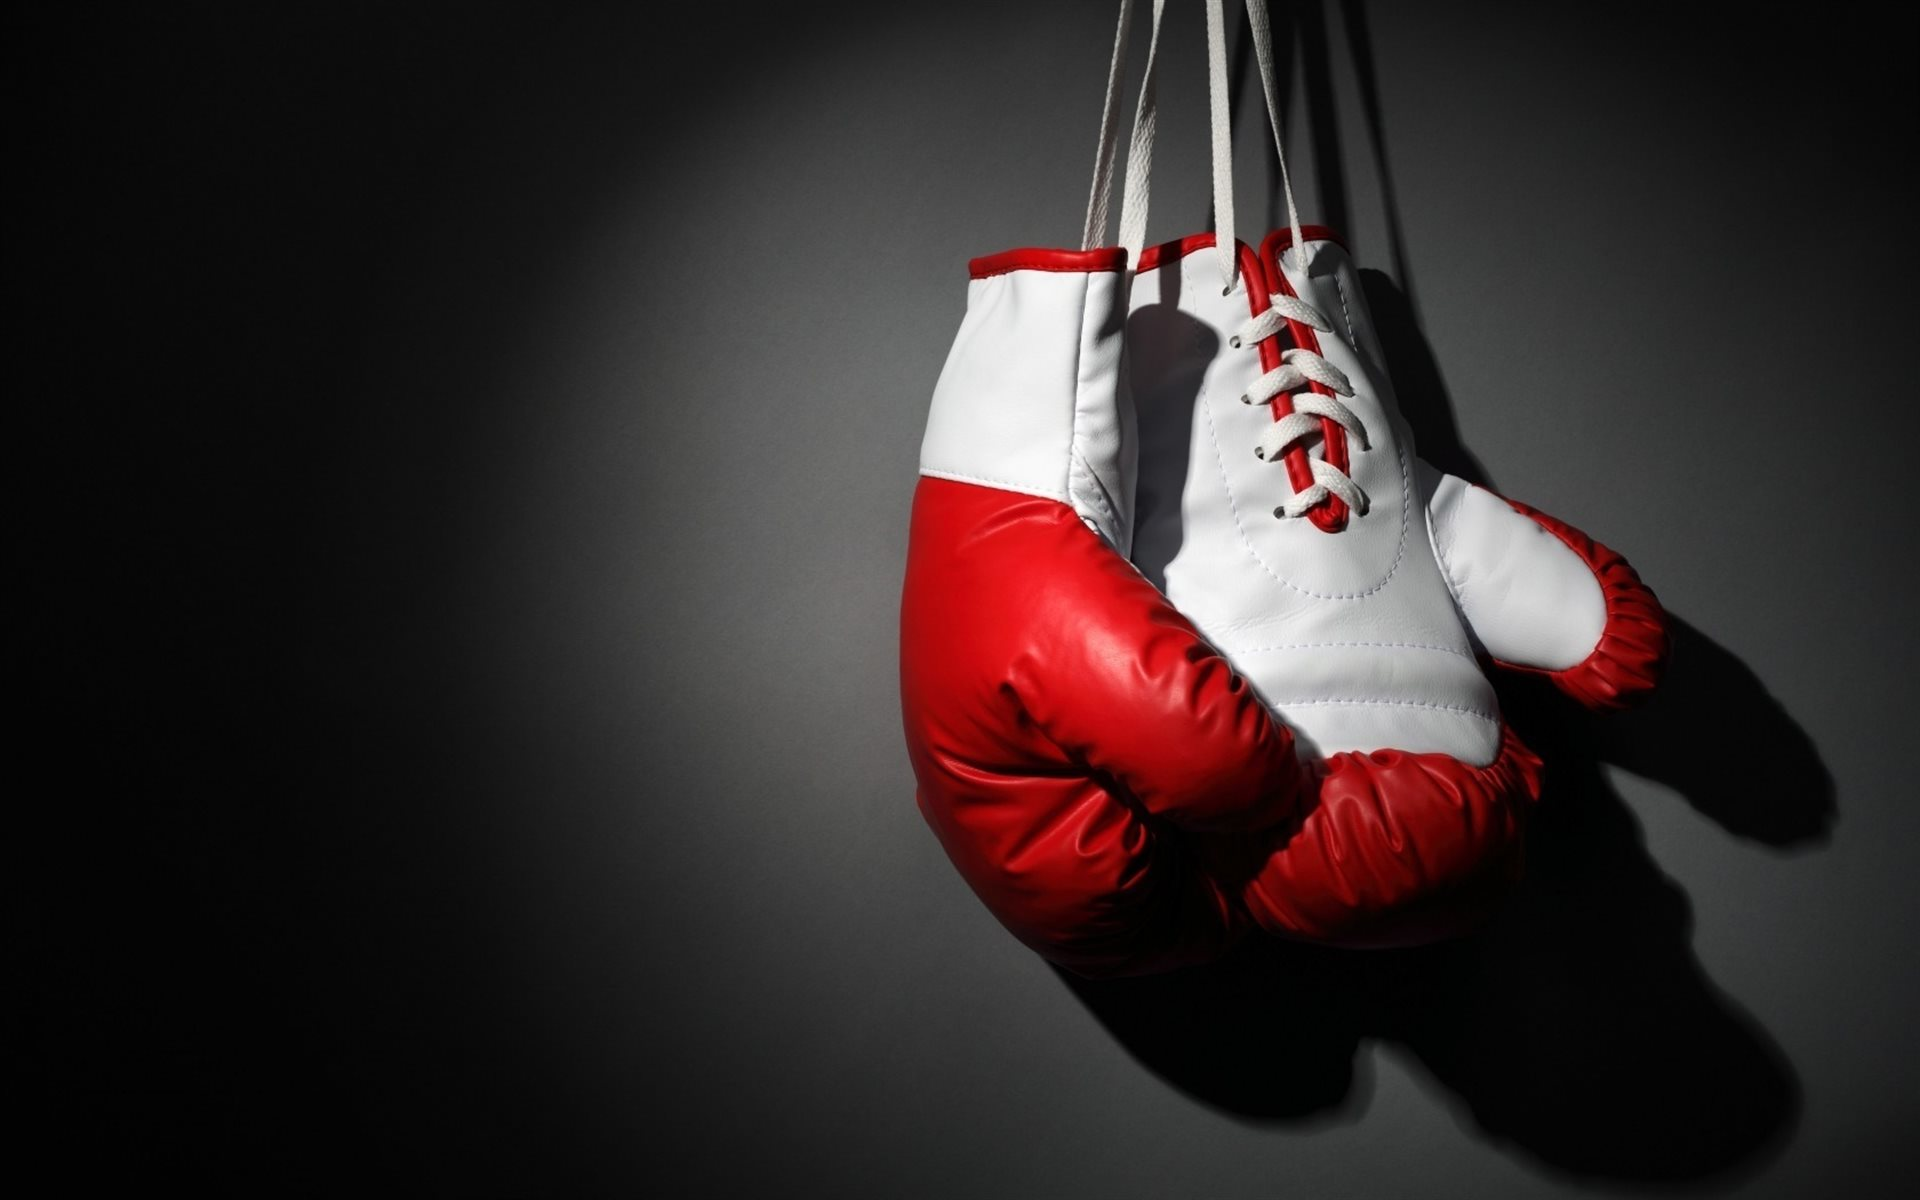 Сборная Коми по боксу отличилась на всероссийских соревнованиях